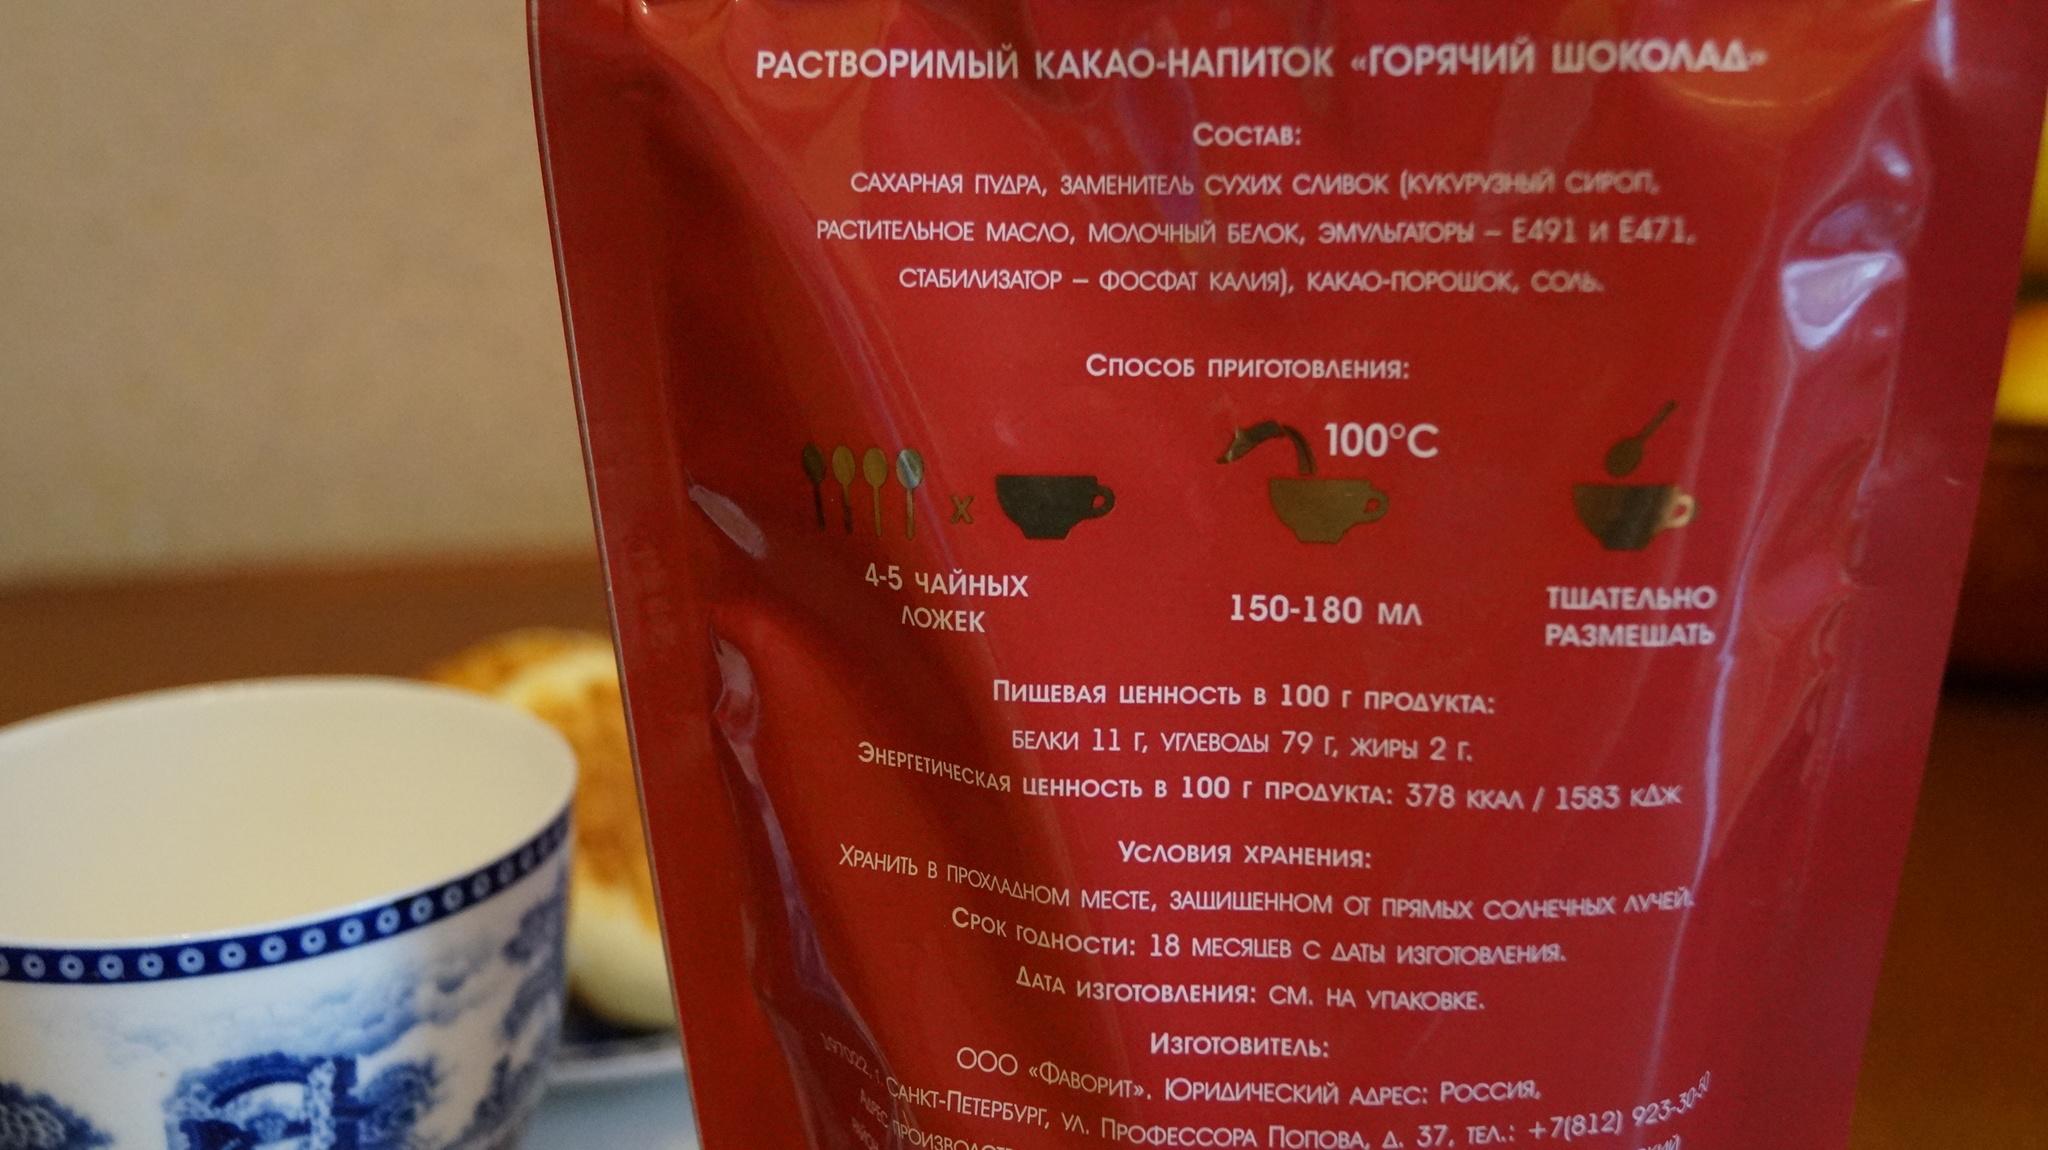 Состав горячего шоколада